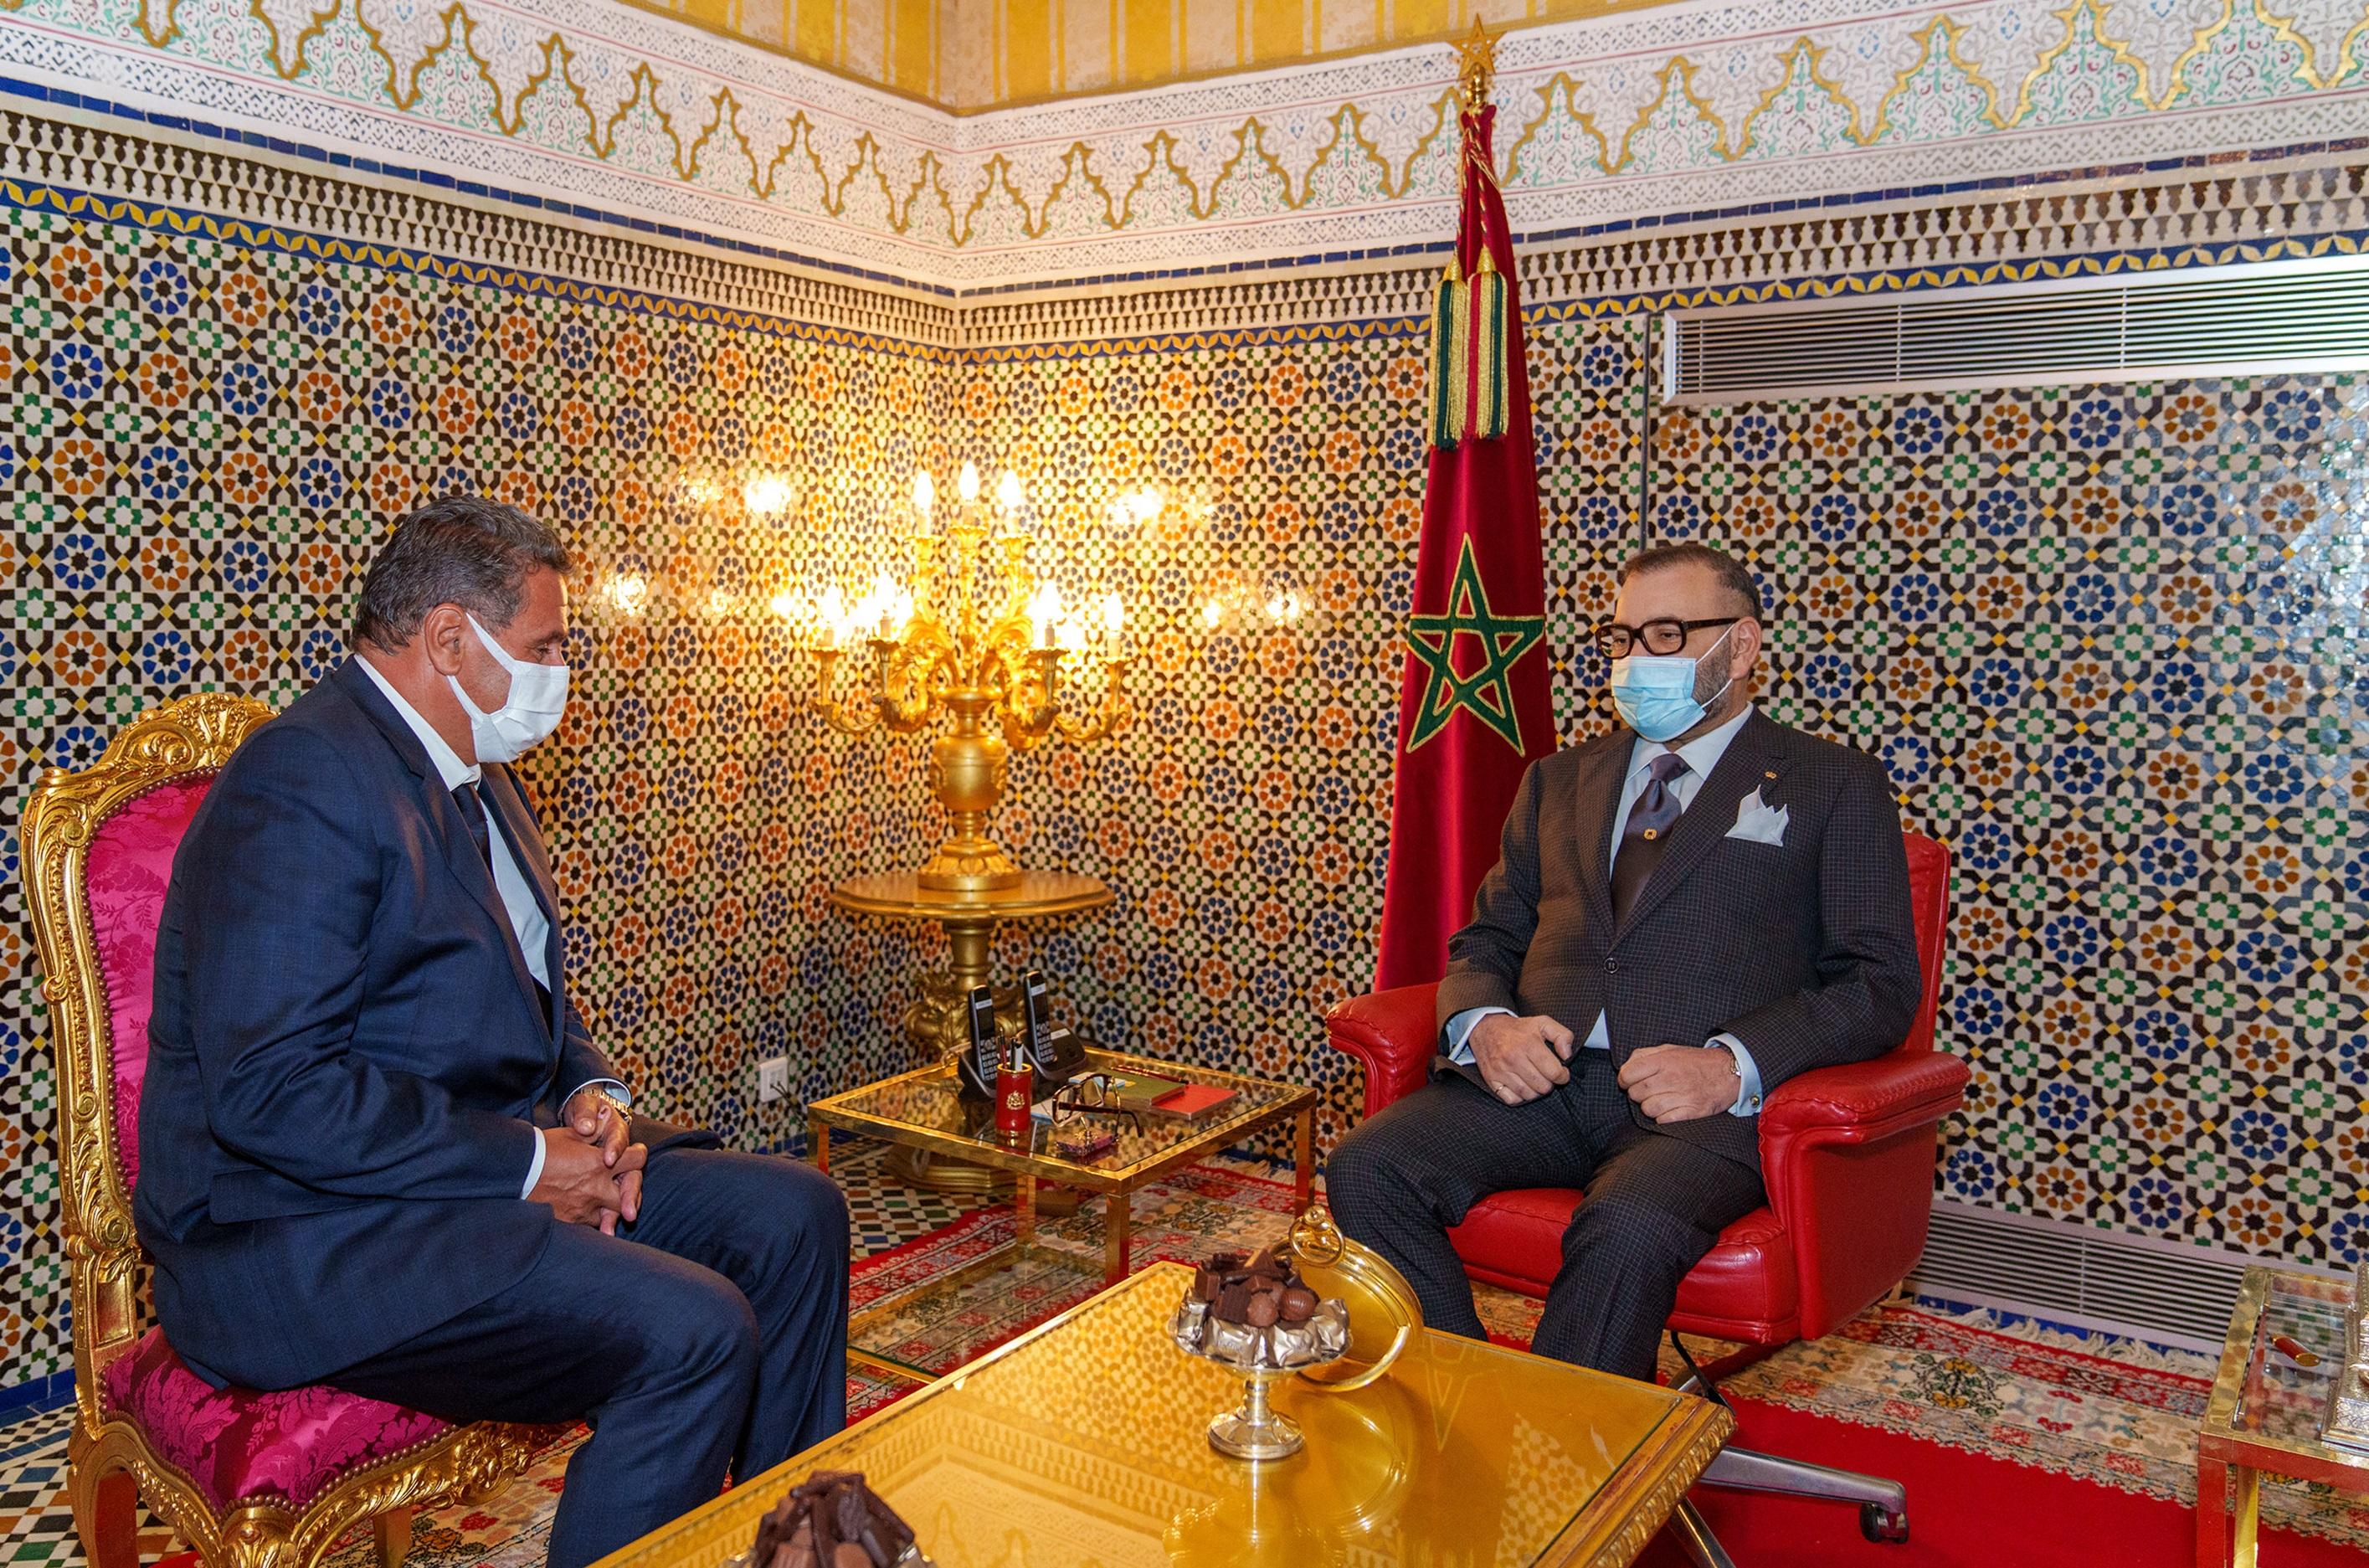 S.M. le Roi nomme Aziz Akhannouch chef du gouvernement et le charge de former l'exécutif